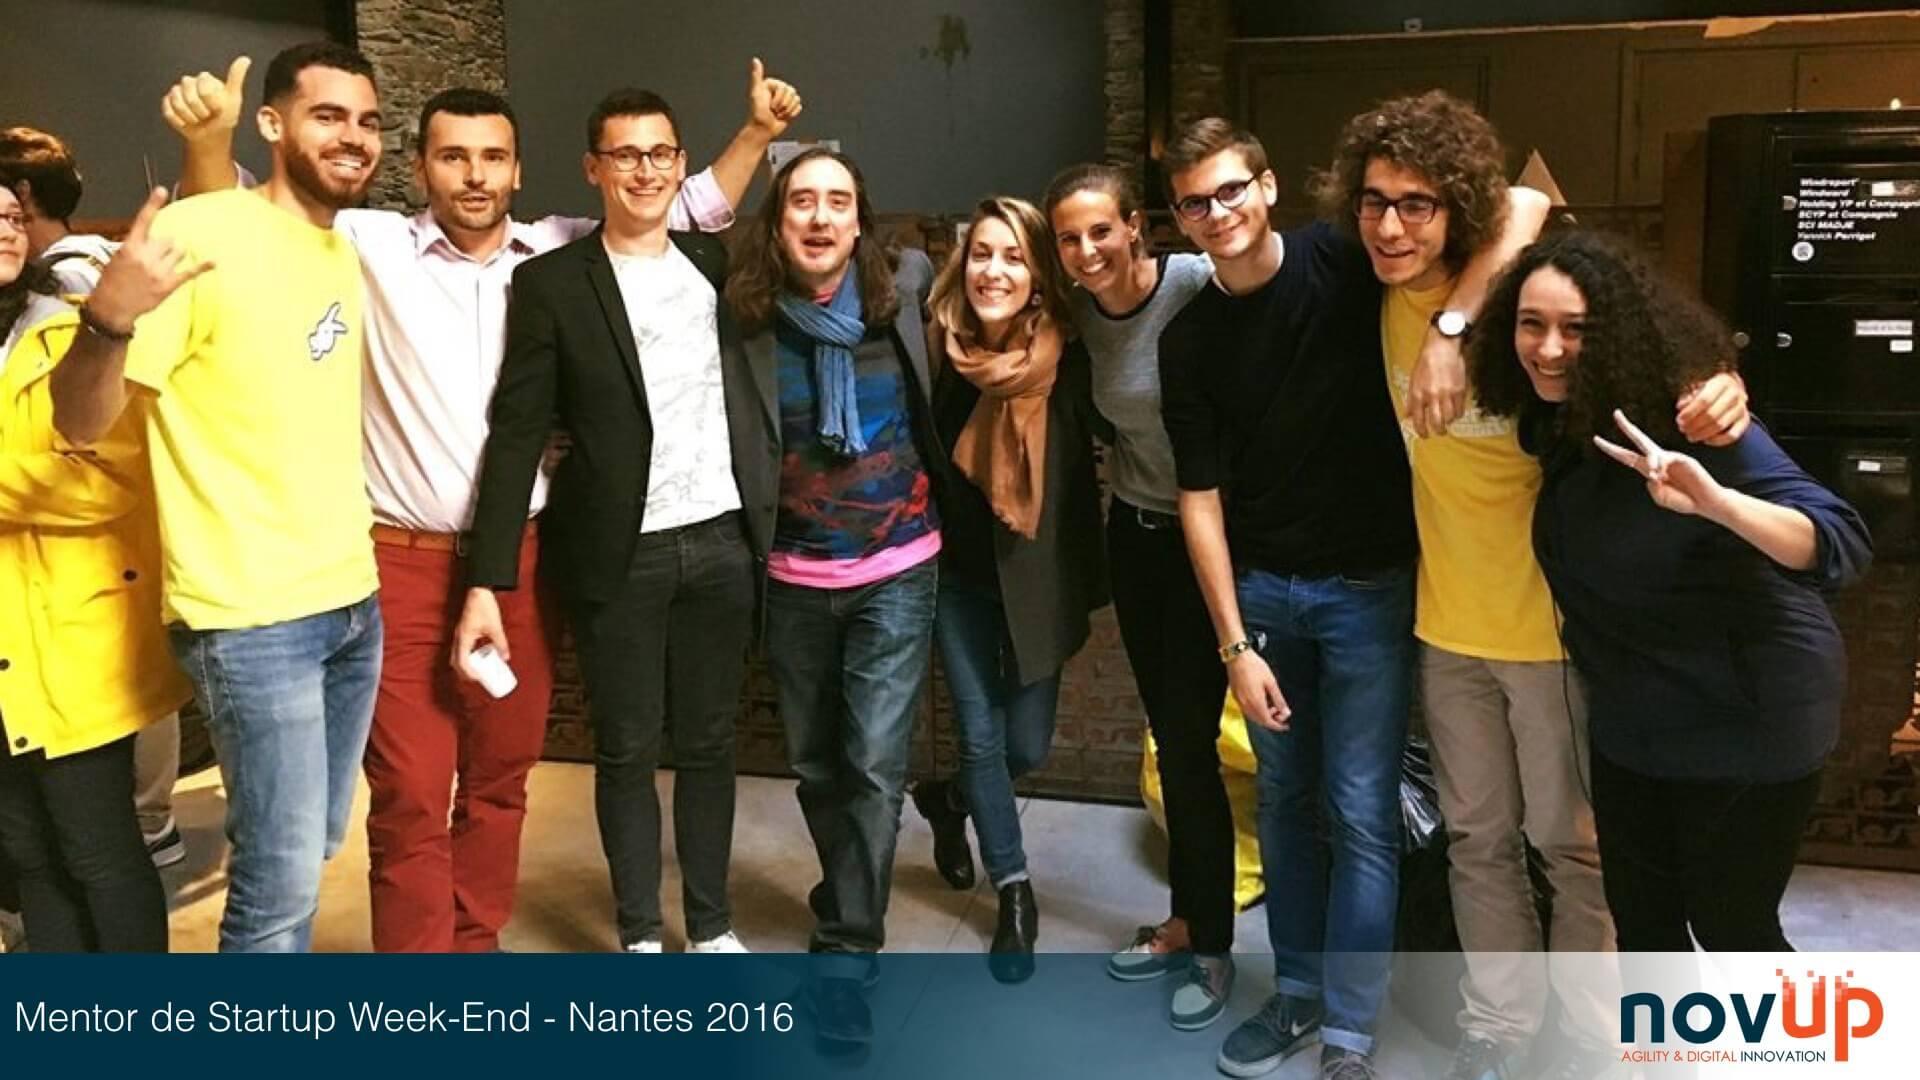 Mentor Startup Nantes 2016